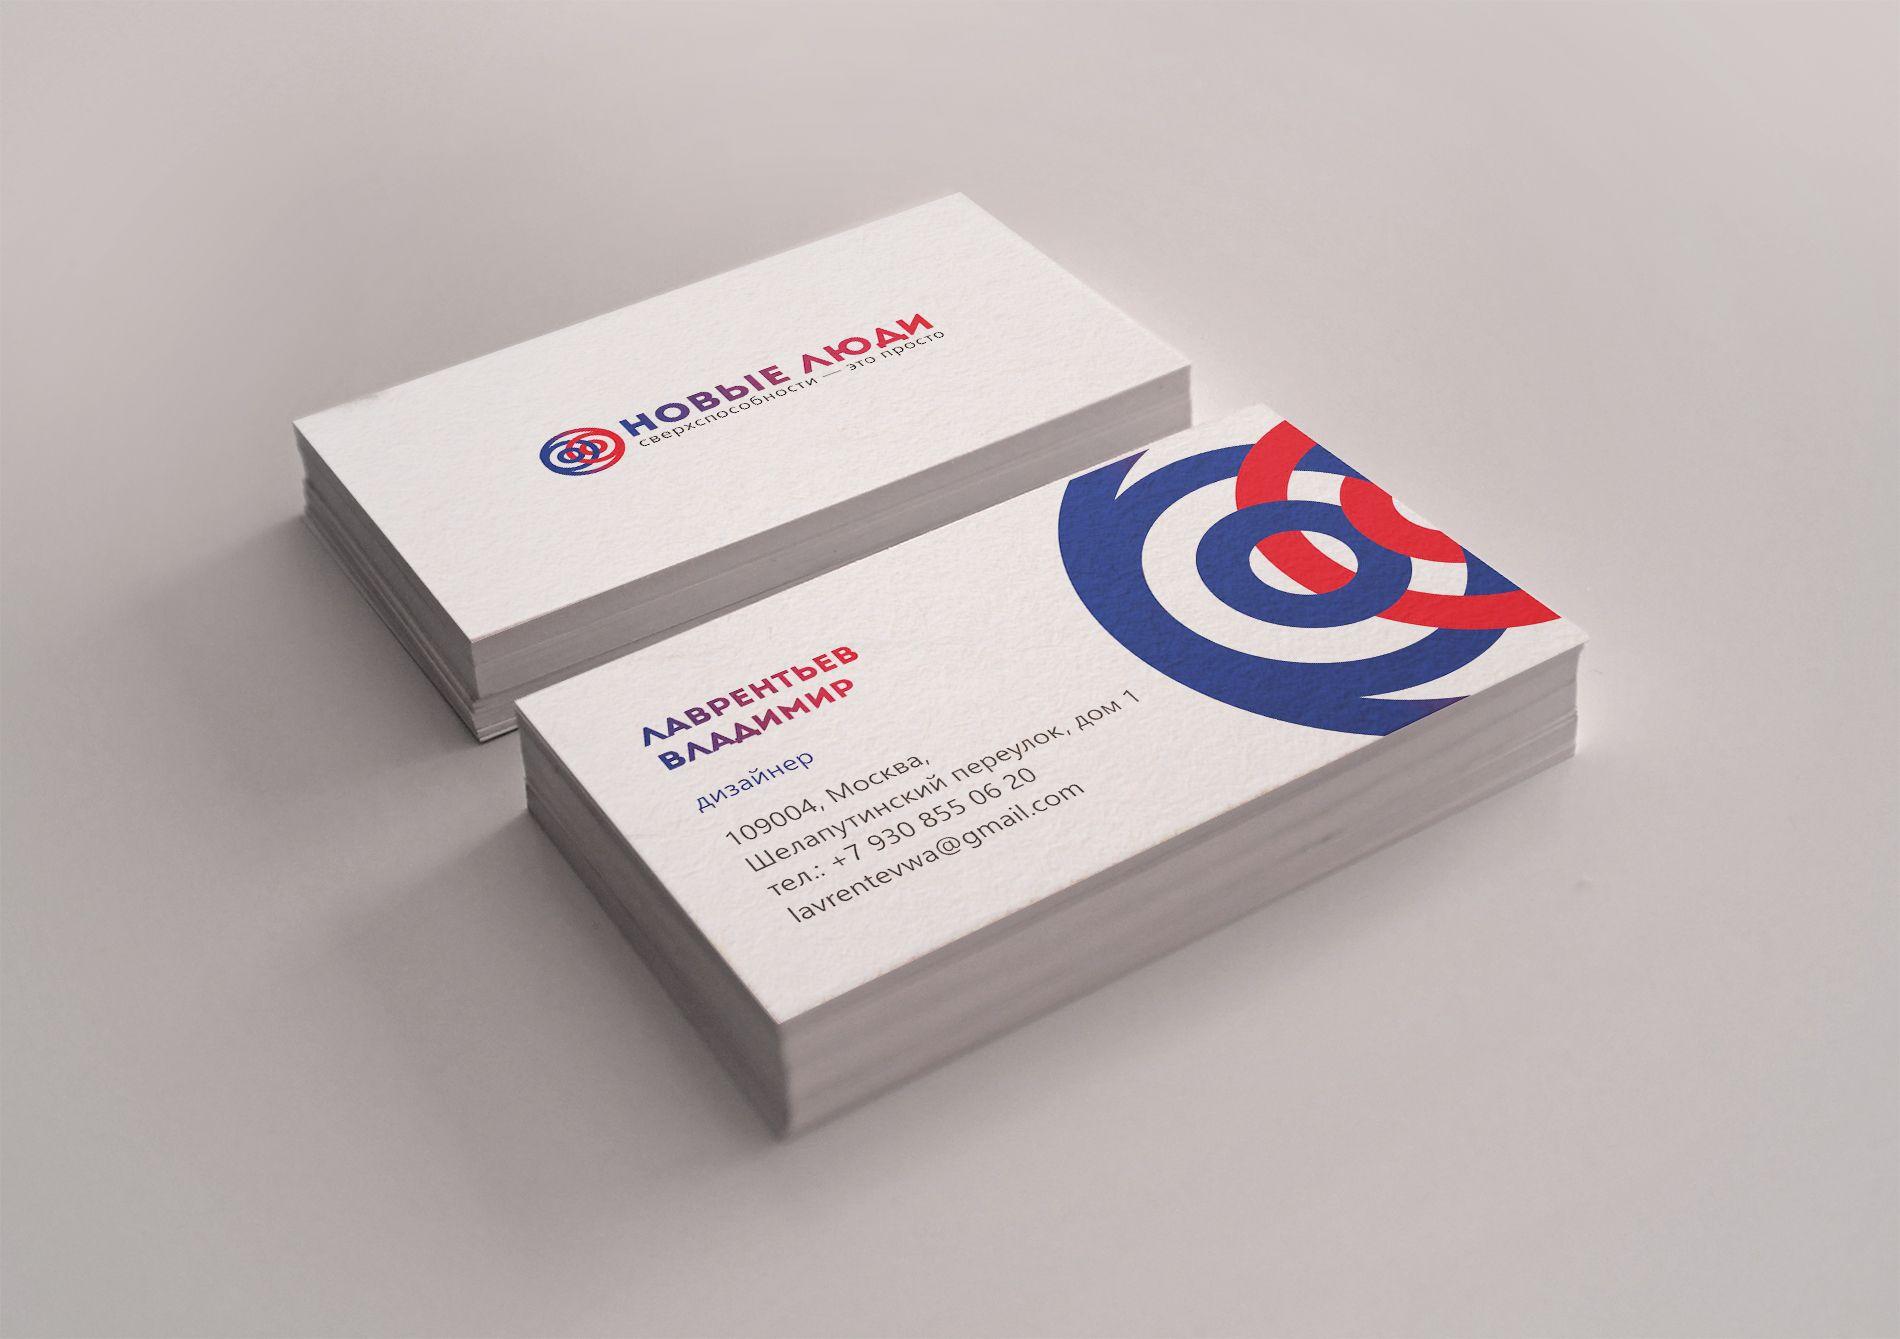 Лого и стиль тренингового центра/системы знаний - дизайнер LavrentevVA